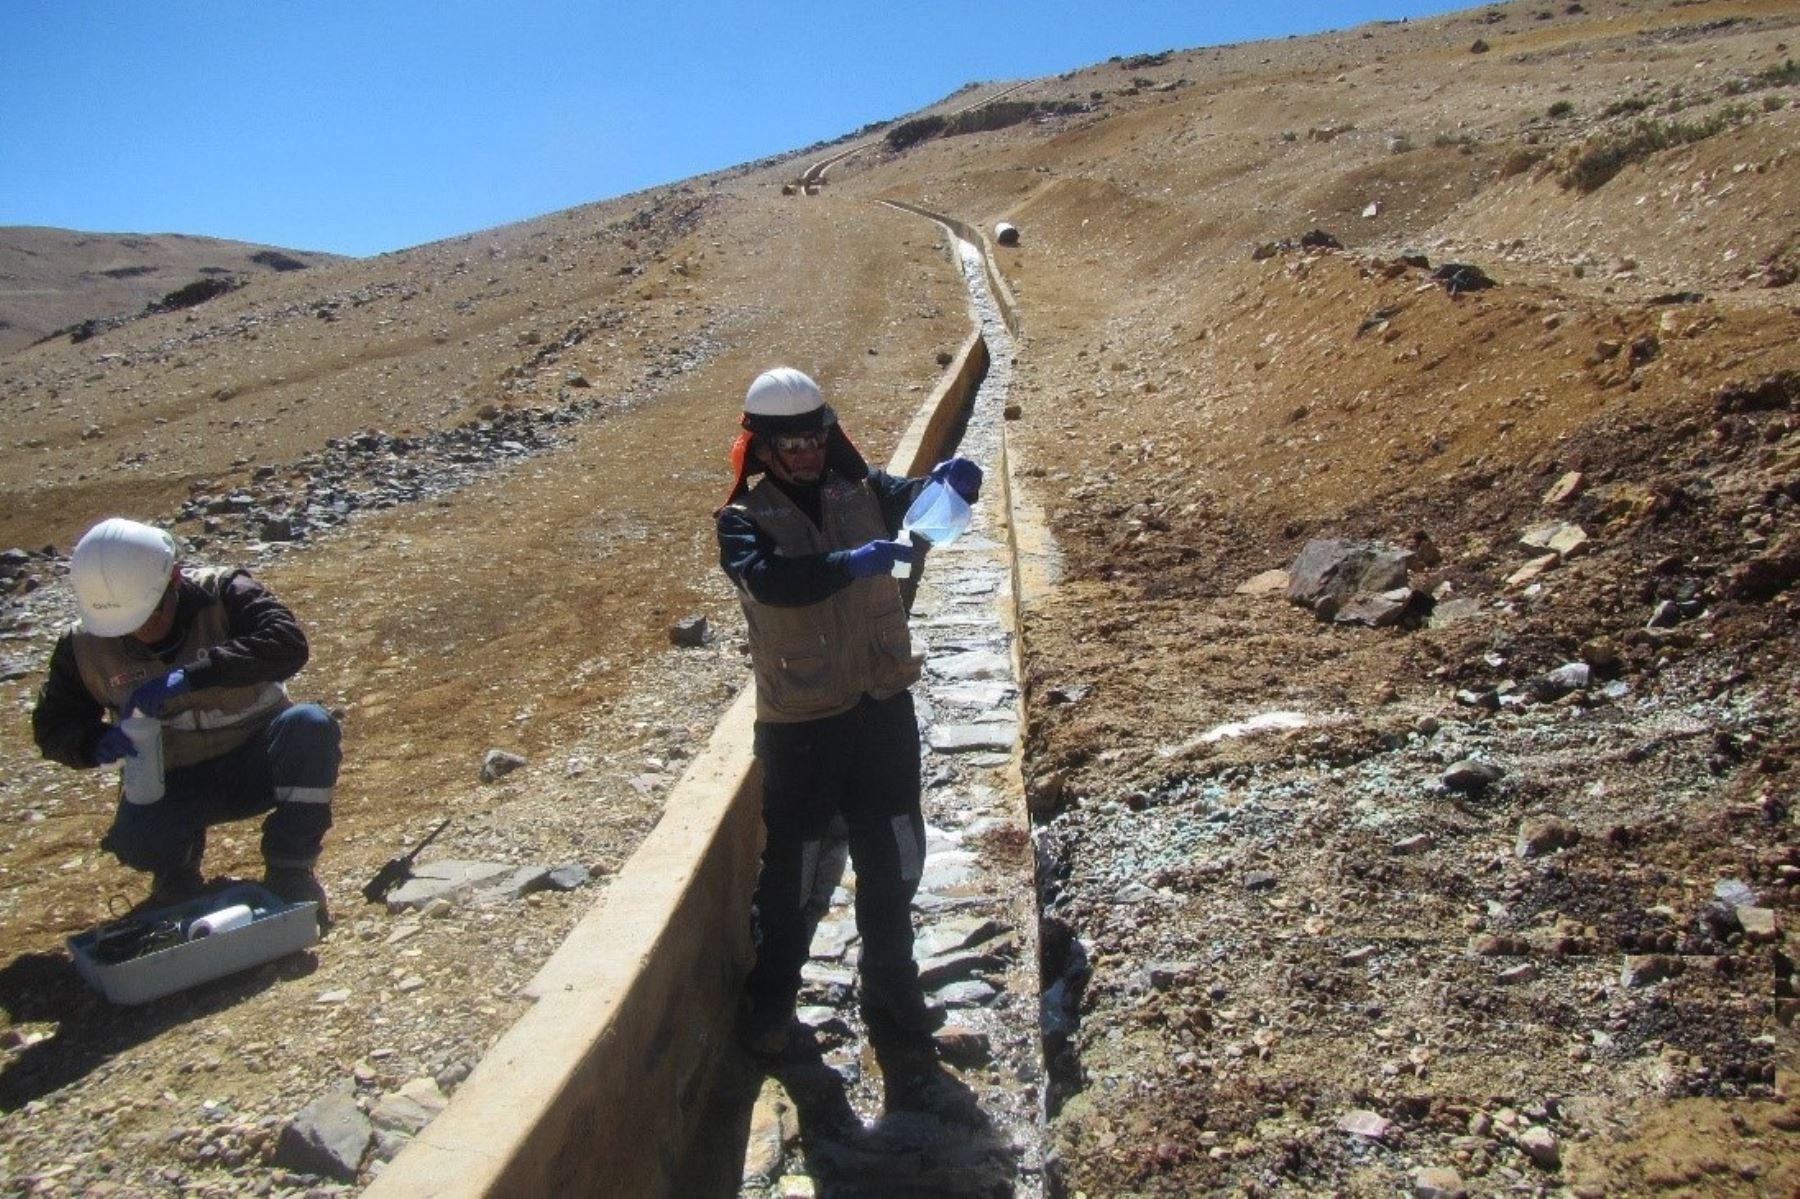 Lluvias provocaron discurrimiento de líquido de unidad minera en Moquegua. ANDINA/Archivo